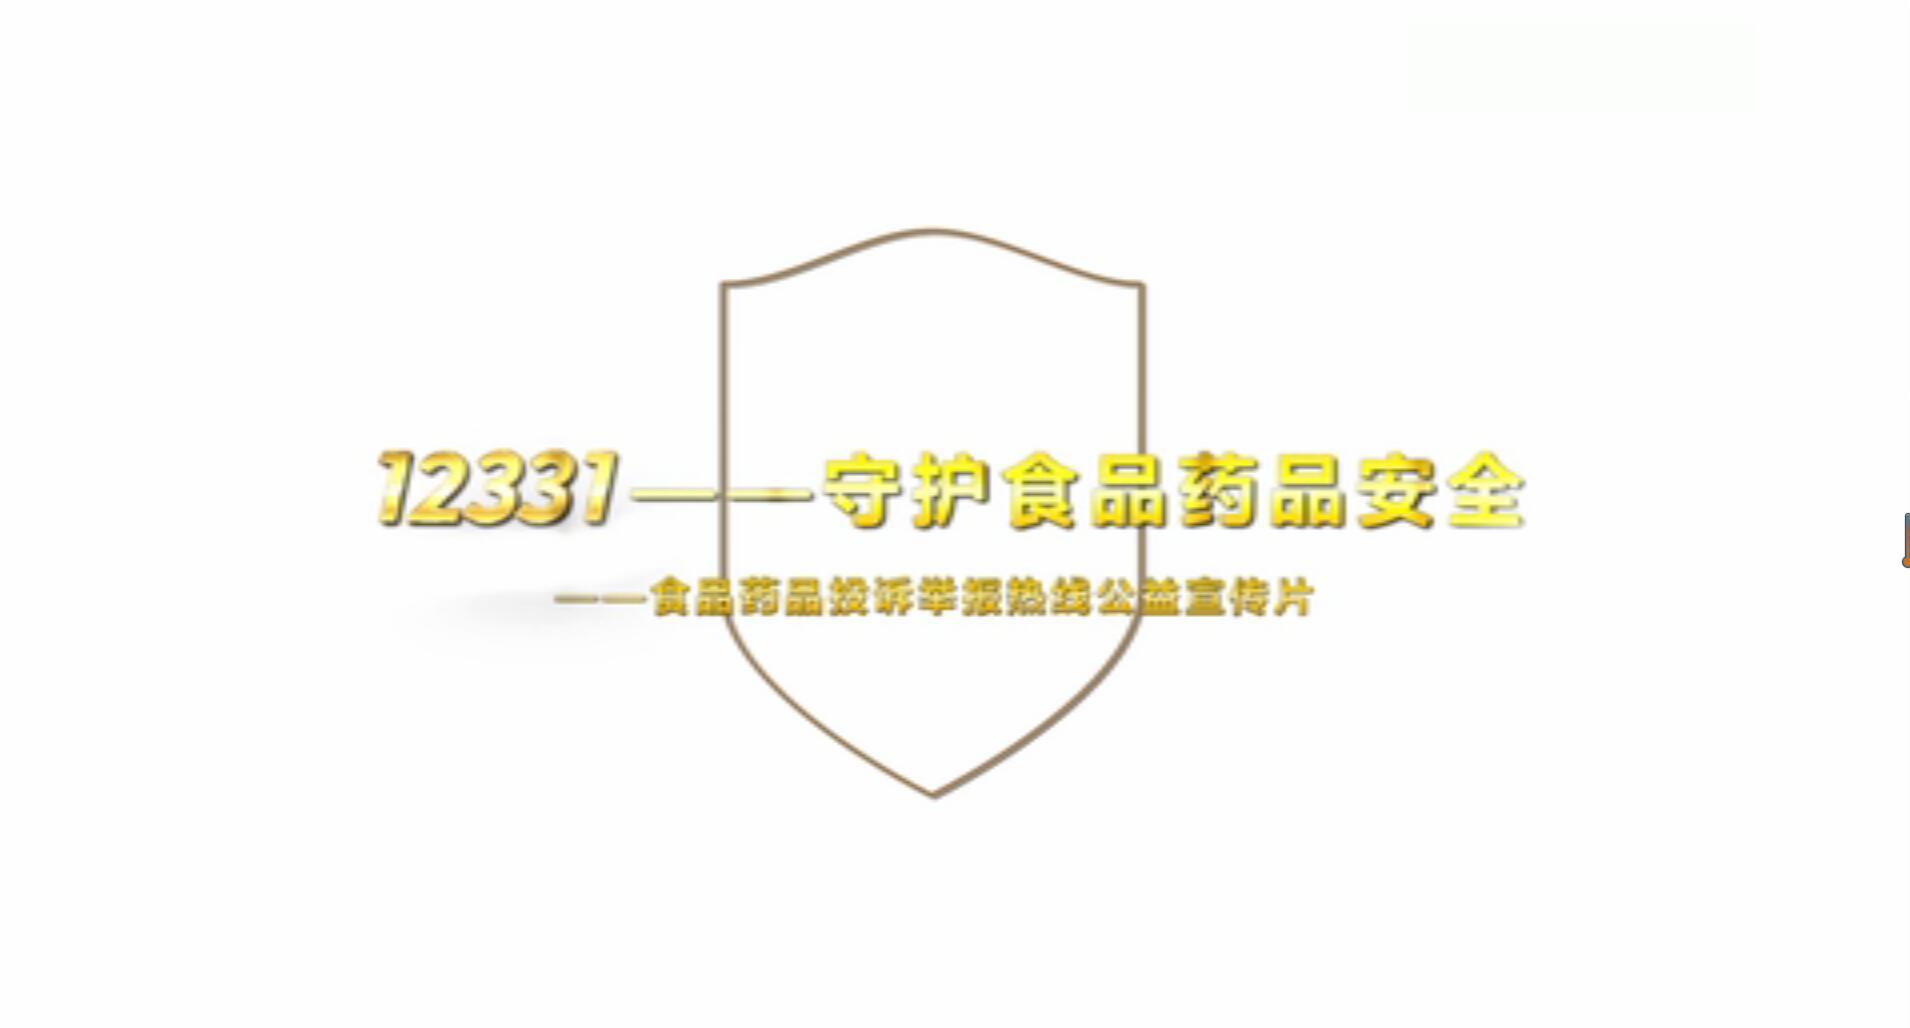 12331食品药品投诉举报热线公益宣传片